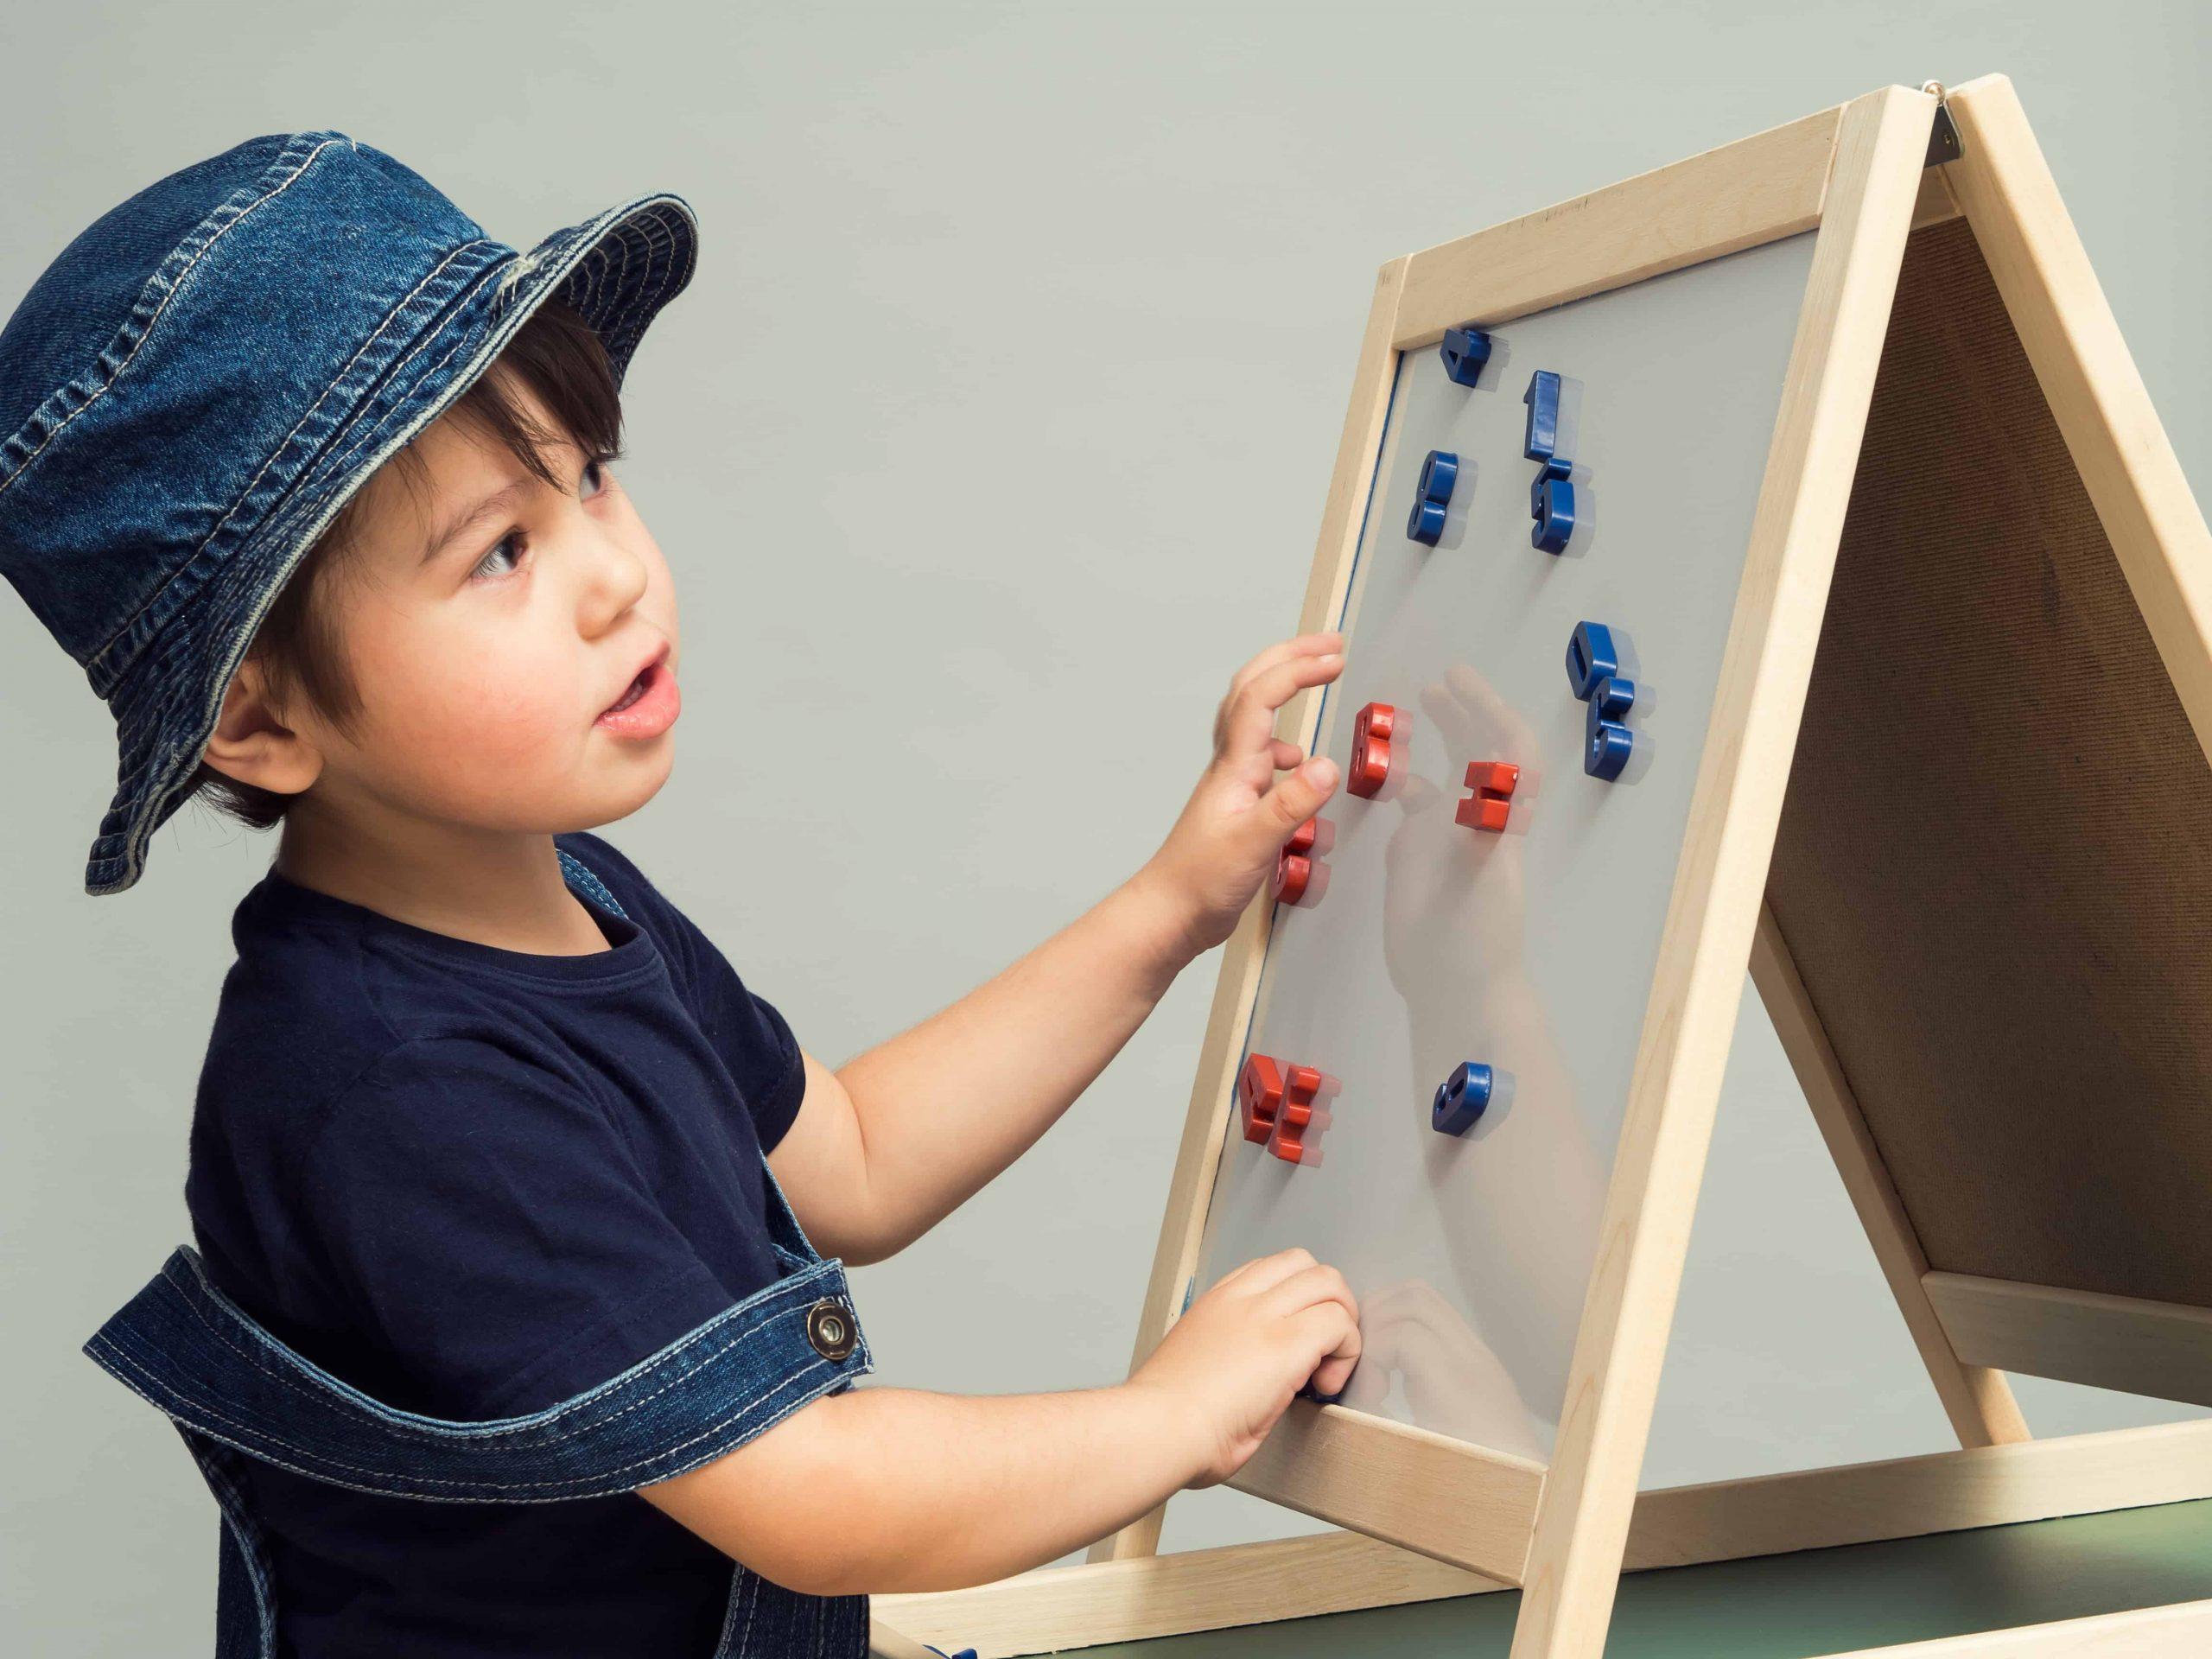 Kinder Magnettafel: Test & Empfehlungen (03/21)